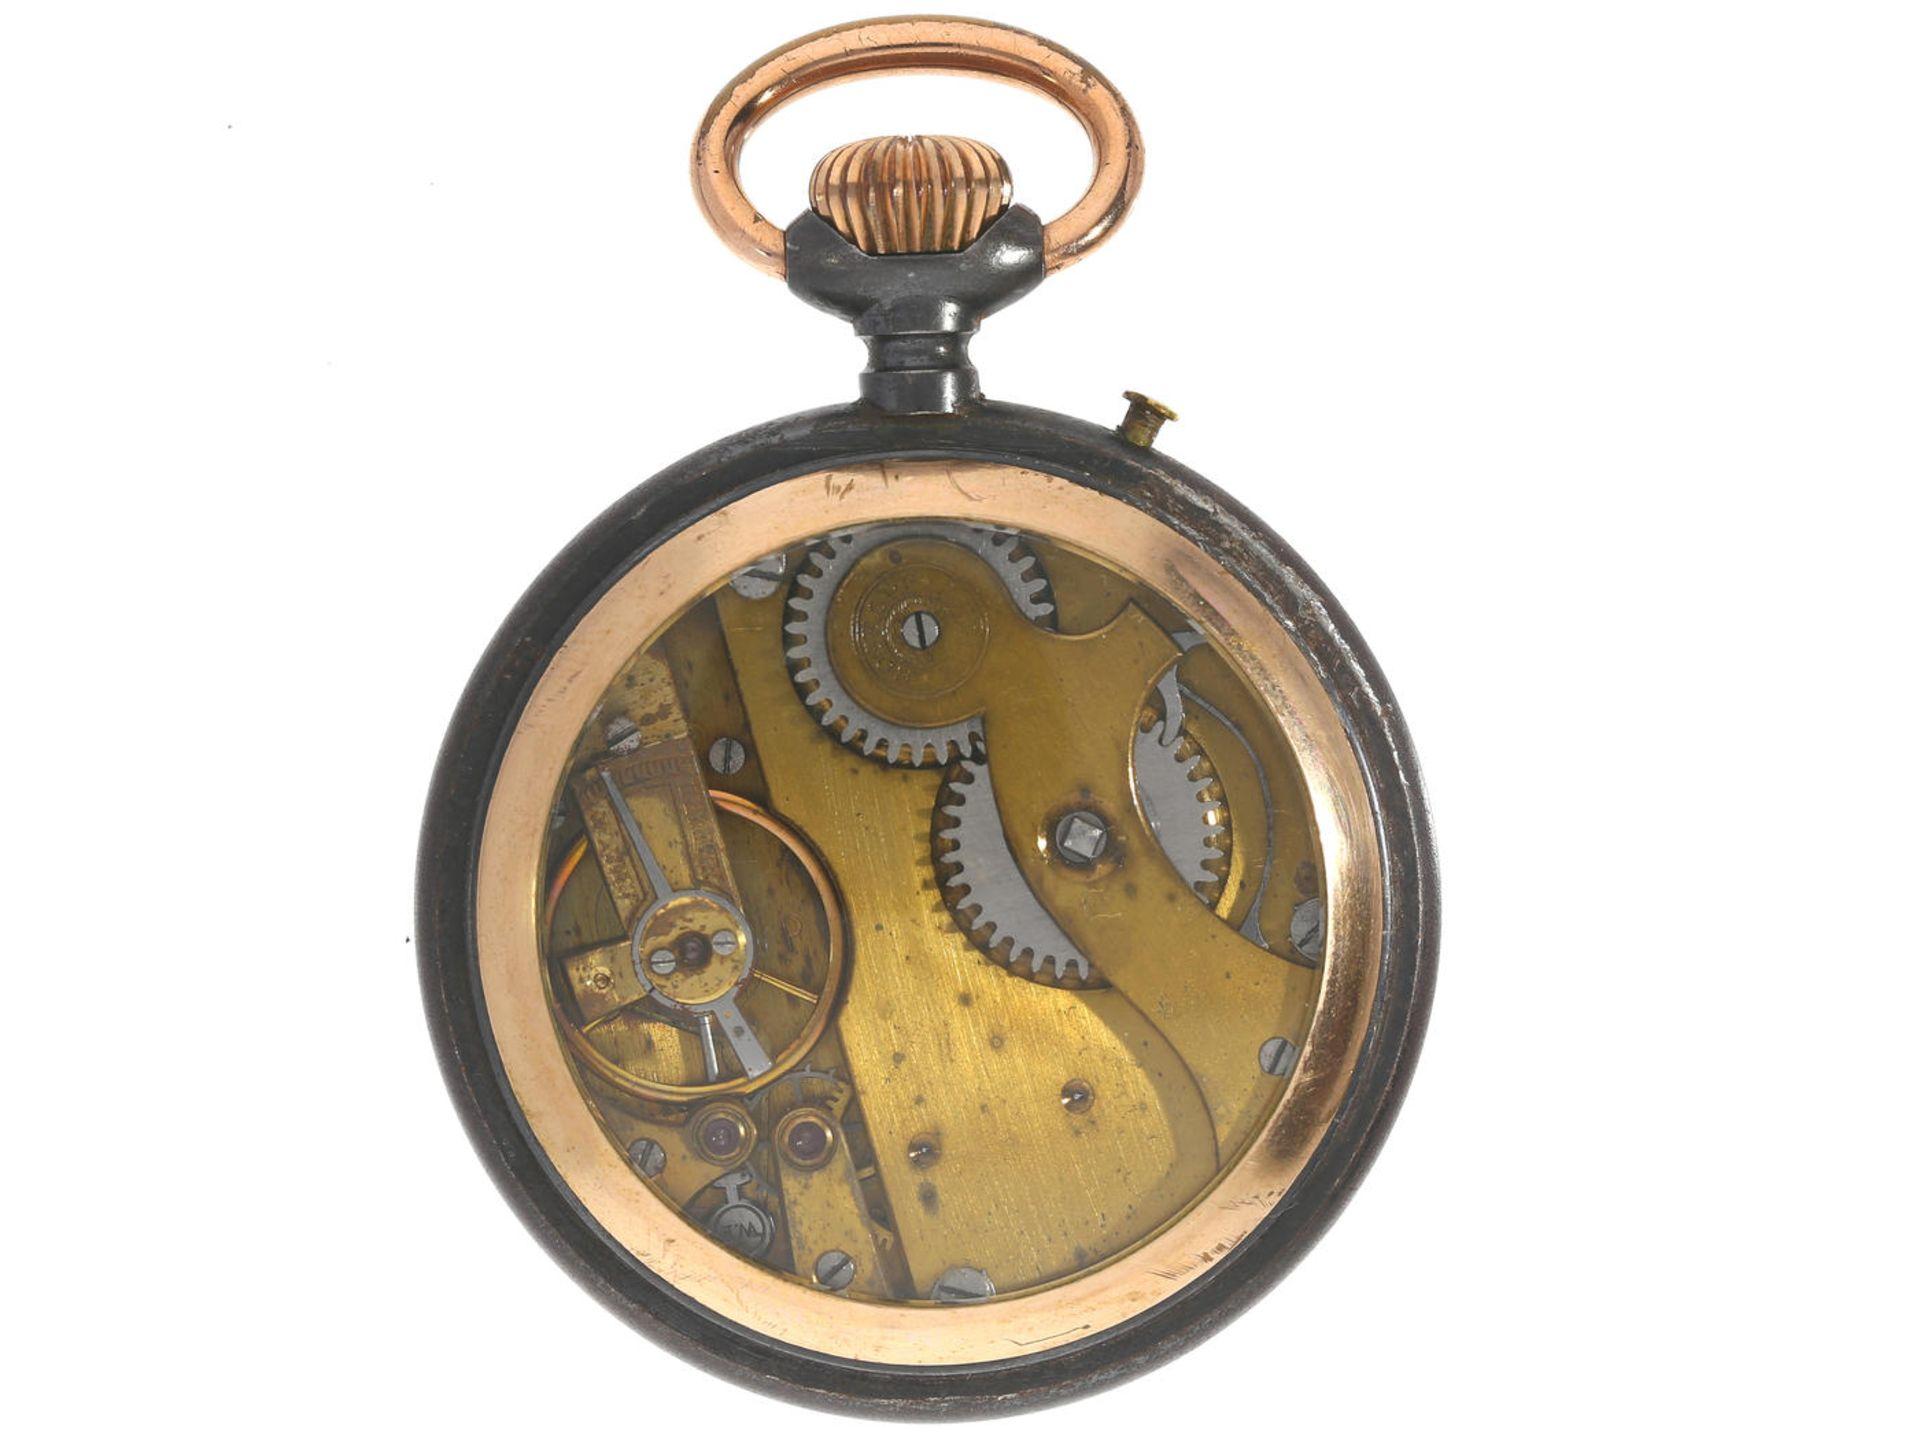 Taschenuhr: ungewöhnliche Herrenuhr mit schwarzem Emaillezifferblatt, Roskopf G.F 1a, um 1900 Ca. - Bild 3 aus 3